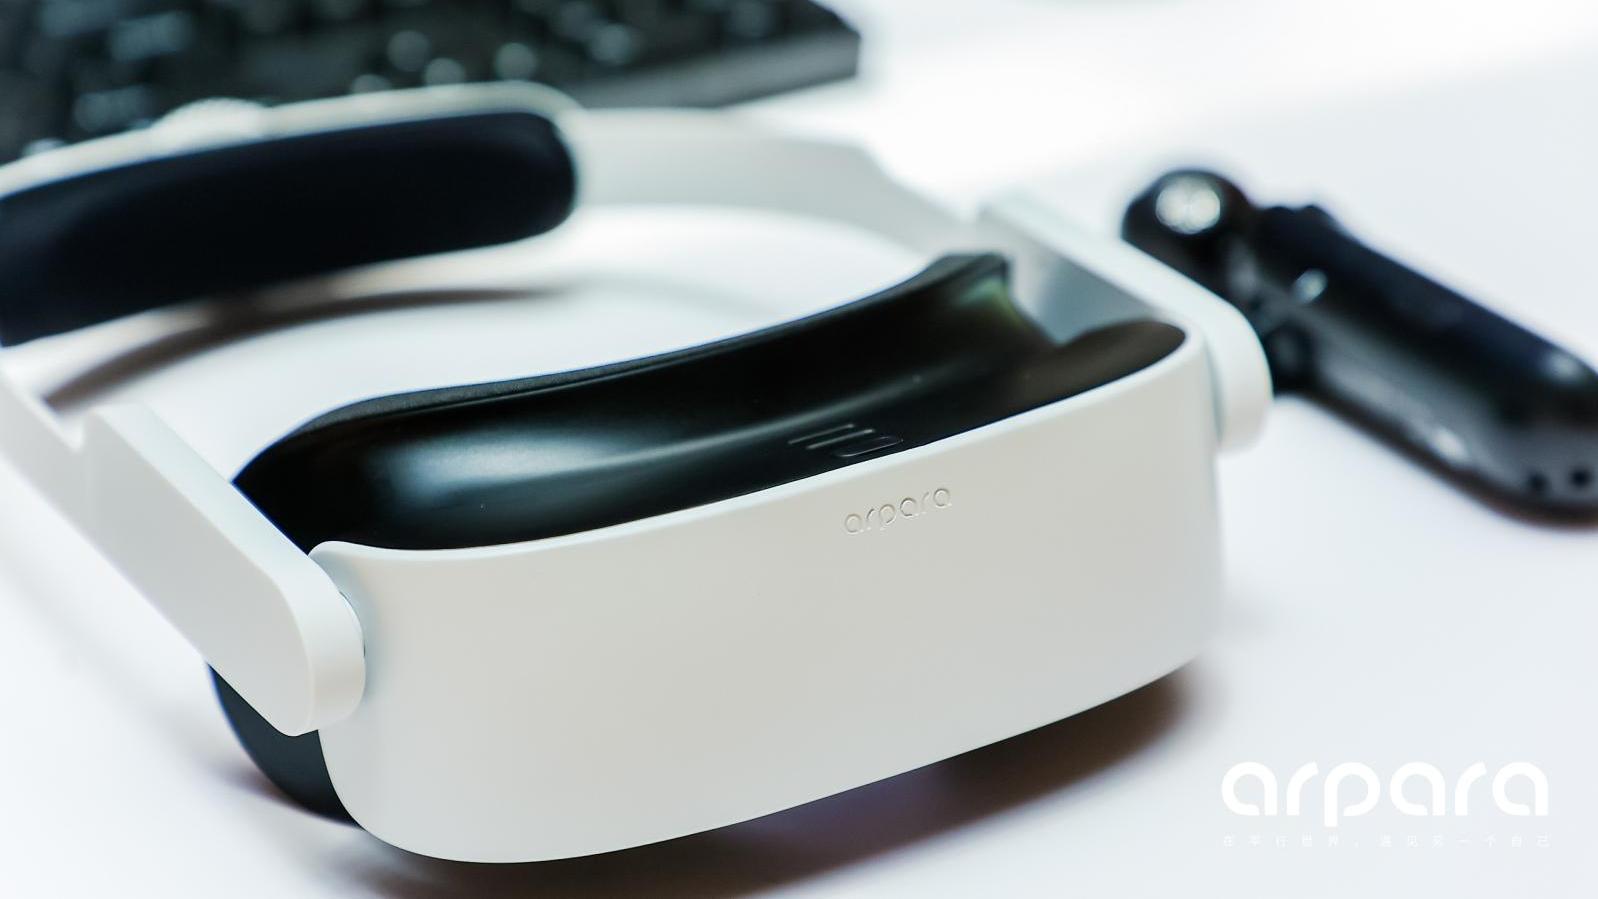 【真机实测】重量仅200g,高清5K VR头显arpara究竟如何?